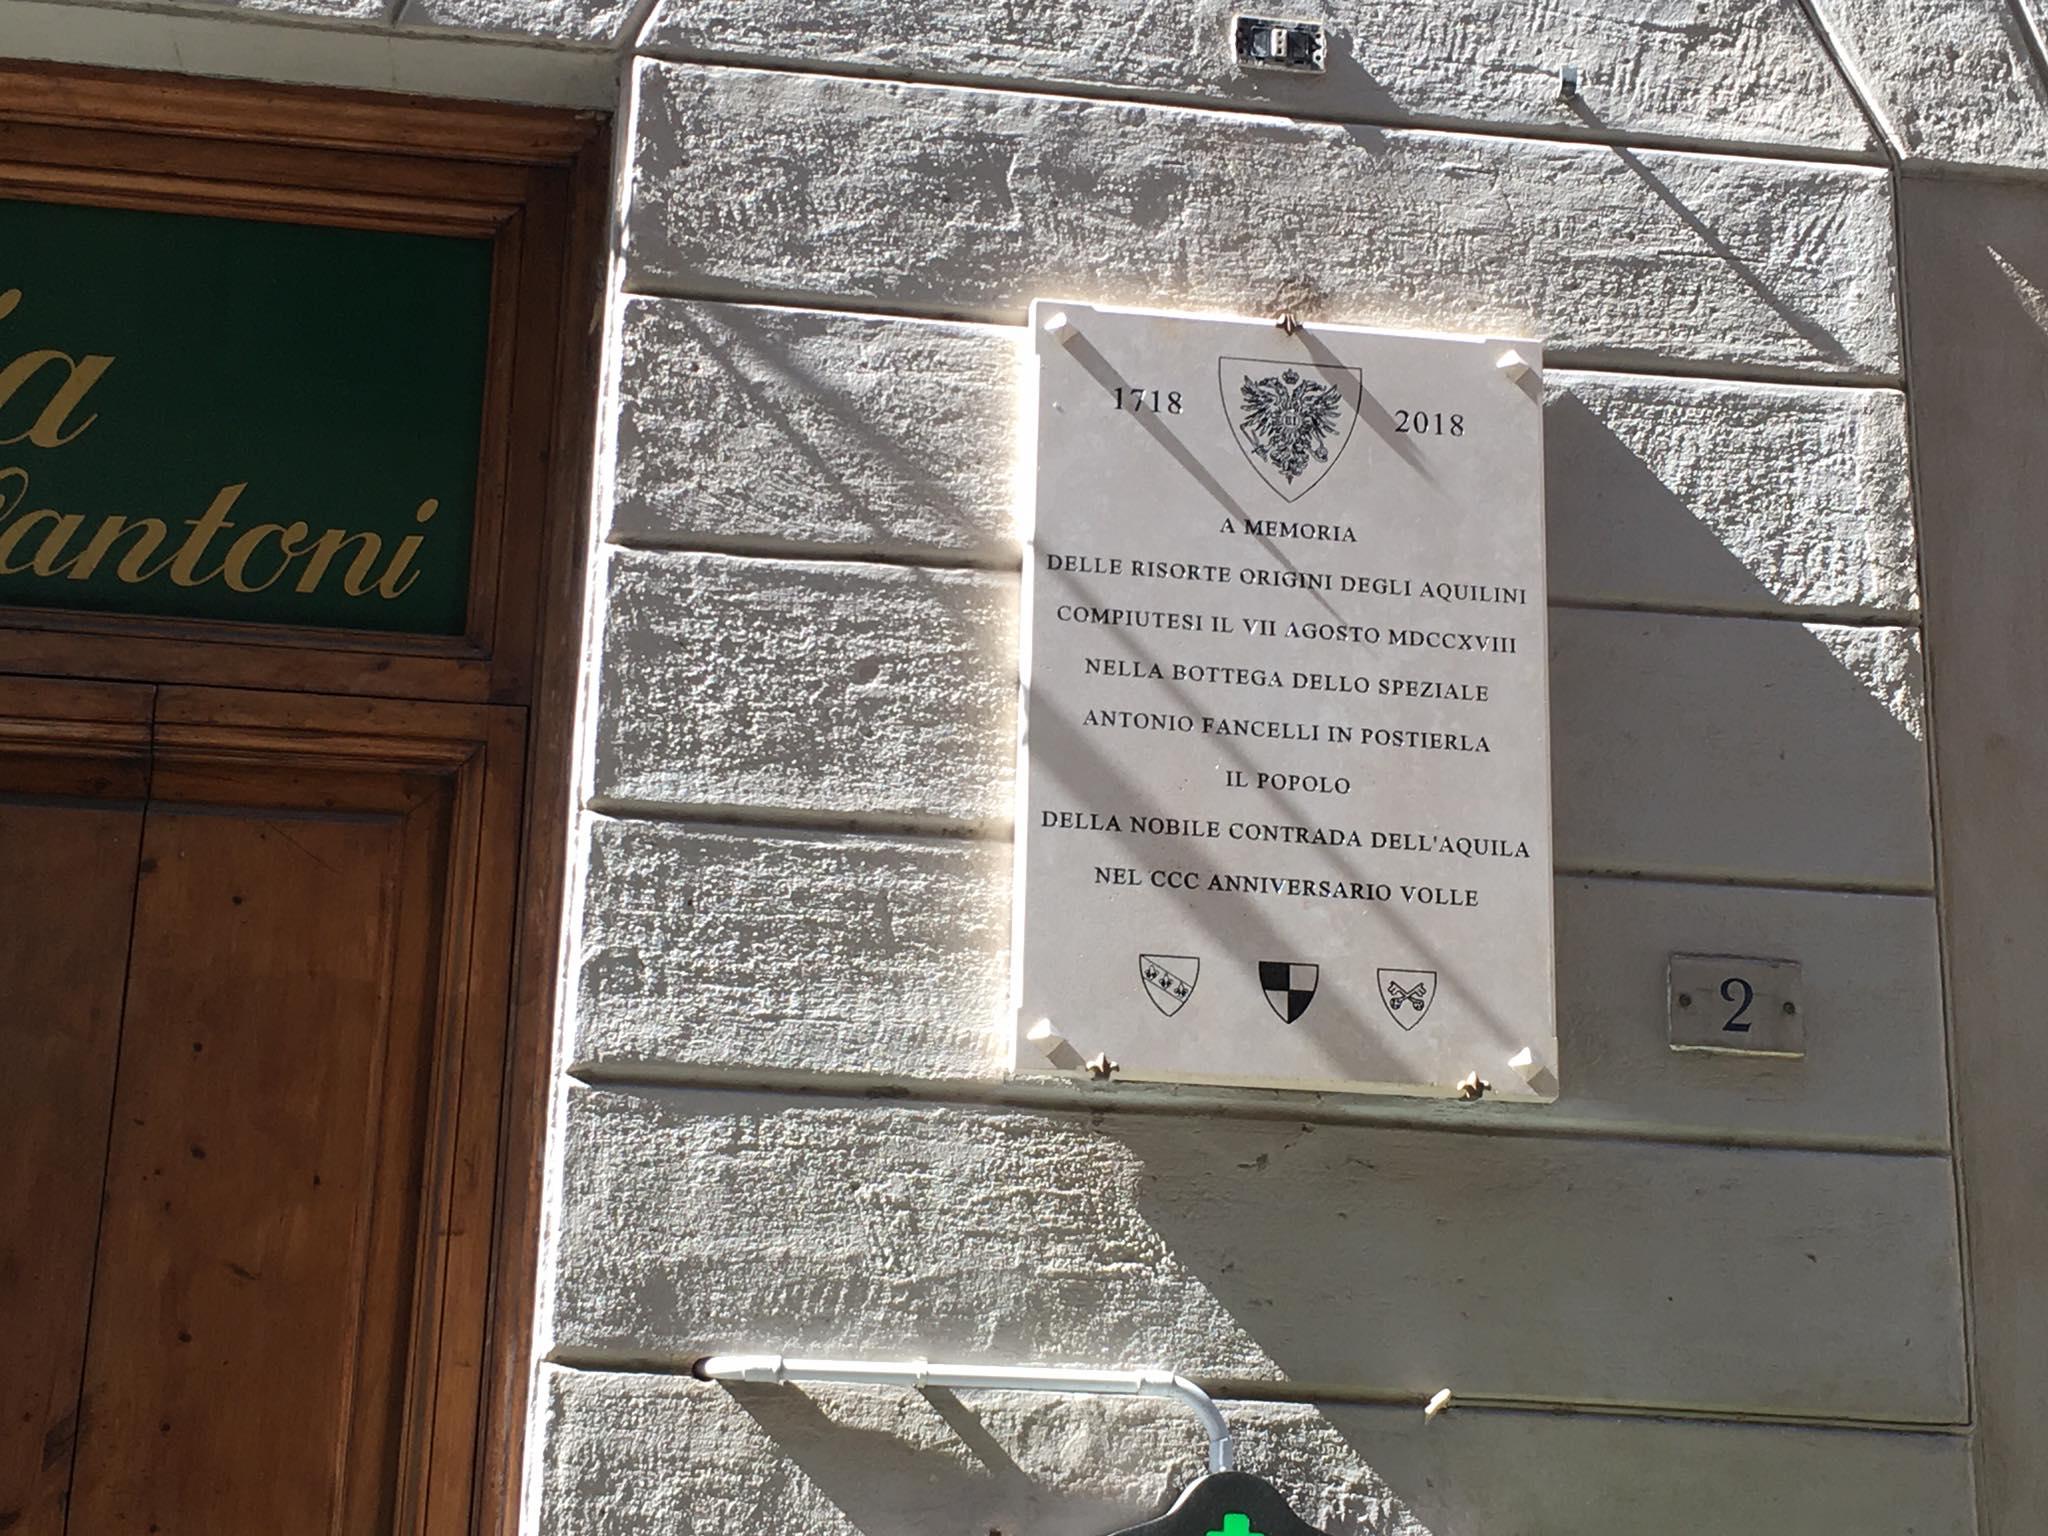 Siena in lutto: scomparso Luca Liserani